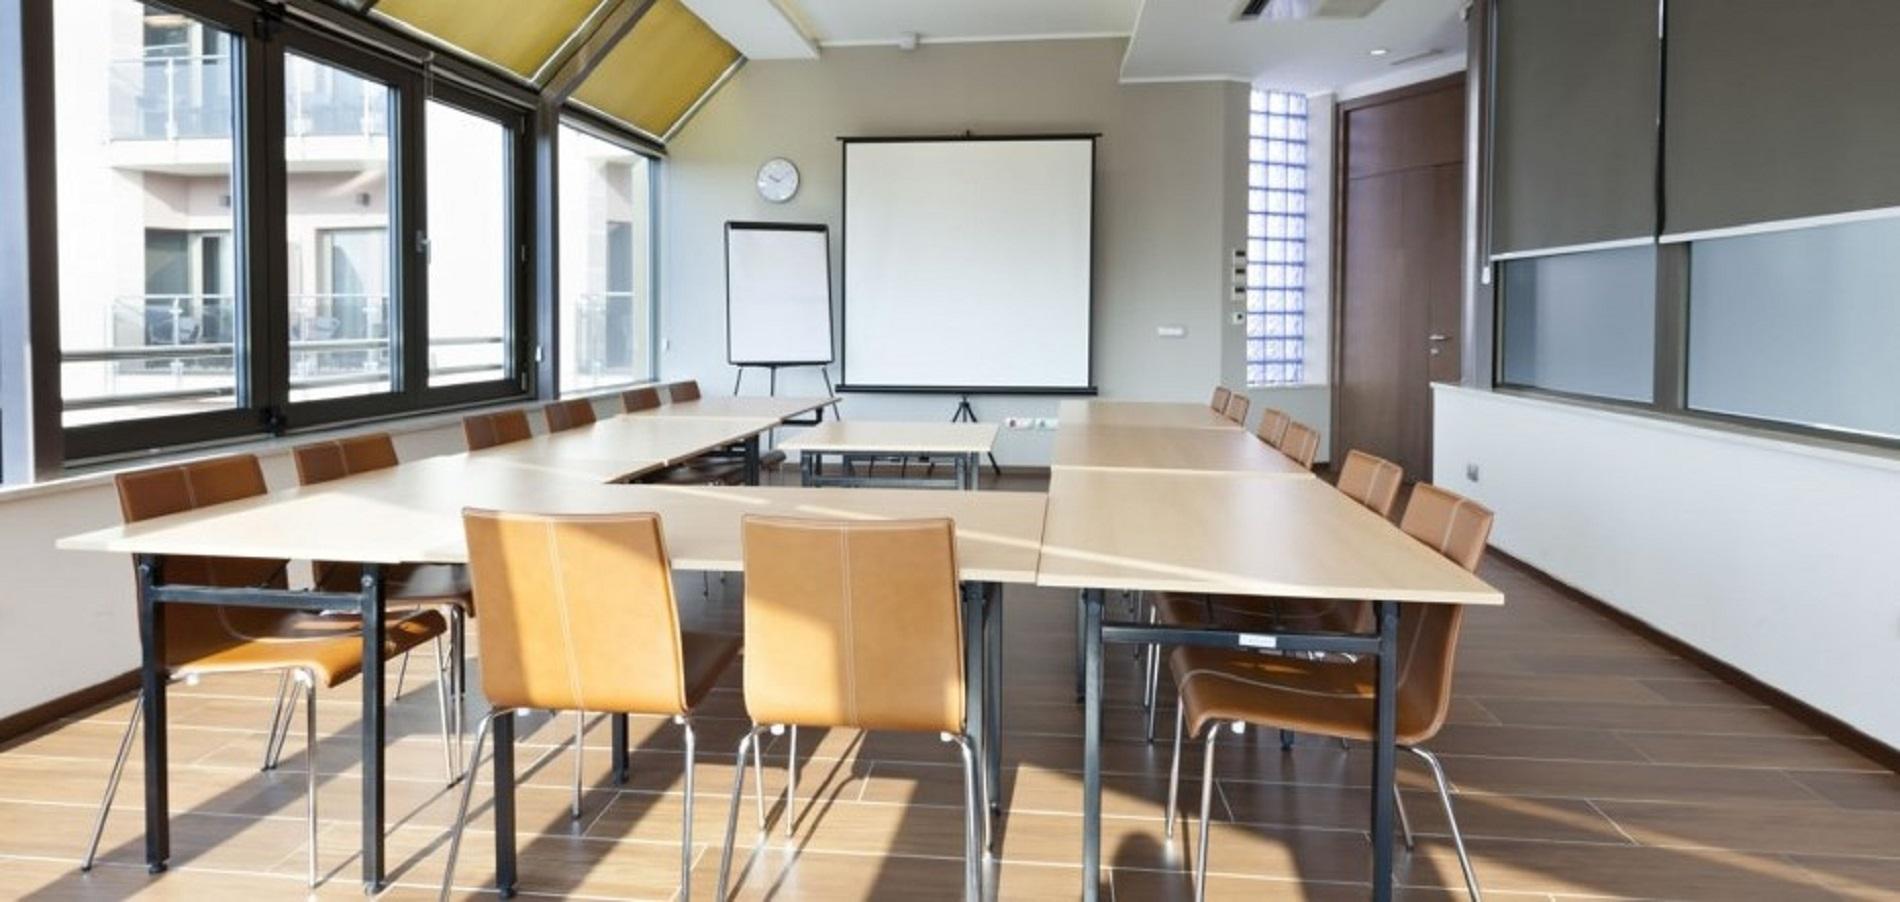 chasseur-immobilier-paris-entreprise-location-vente-gestion-bureaux-salledereunion-salledeformation